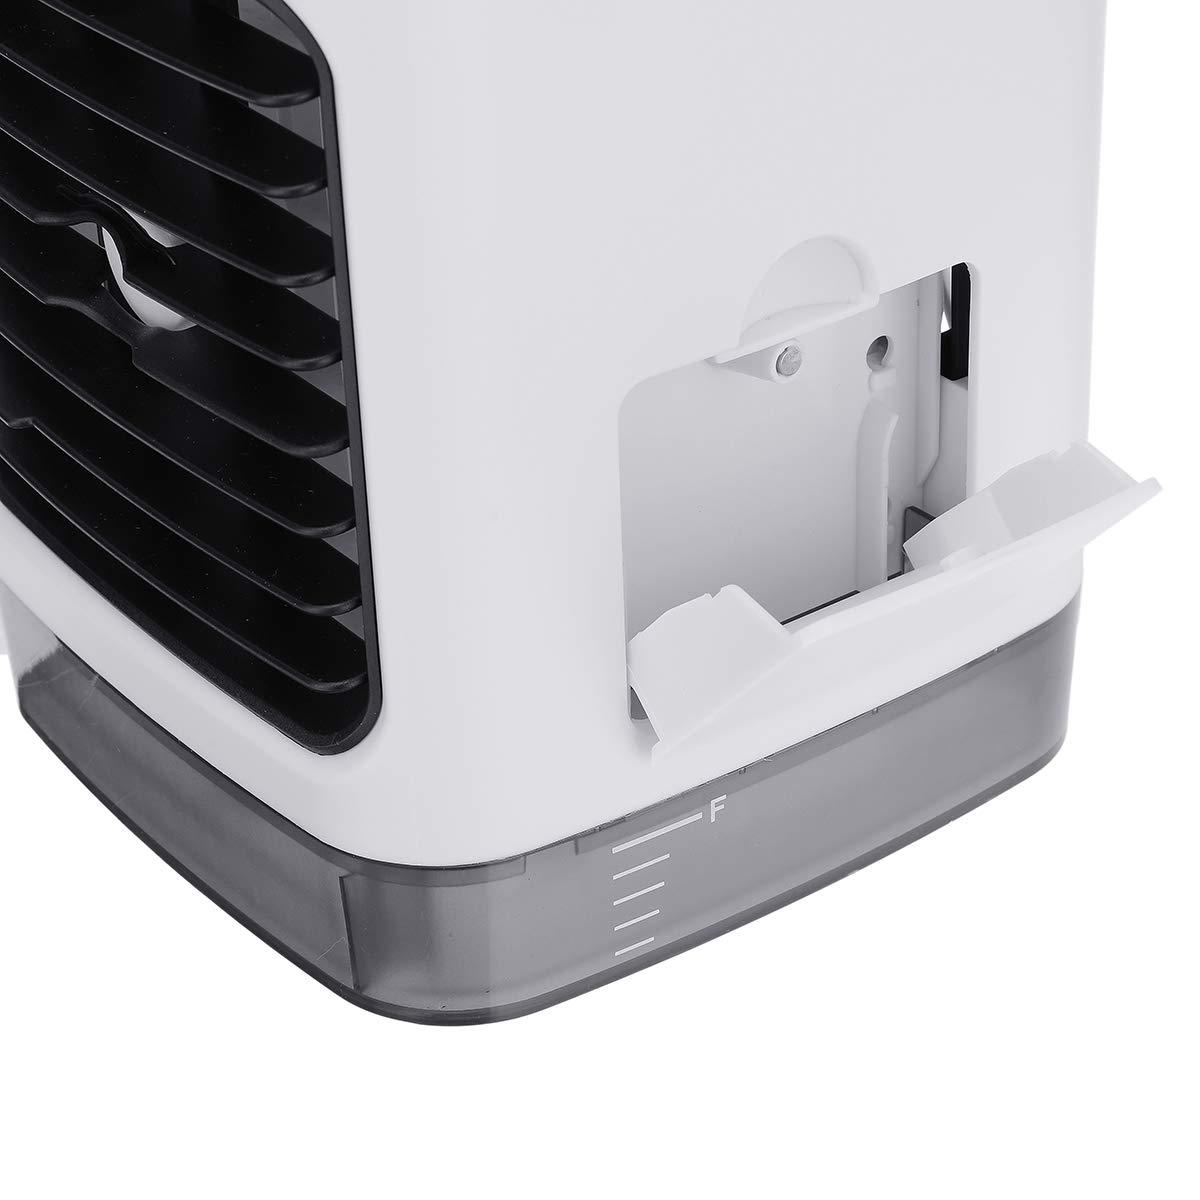 K/üche drinnen im Freien OUTERDO Tragbare Klimaanlage Air Cooler Luftbefeuchter,4in1 Mobile Klimaanlage Luftreiniger B/üro Desktop-Luftk/ühler Mini-Ventilator f/ür Zuhause